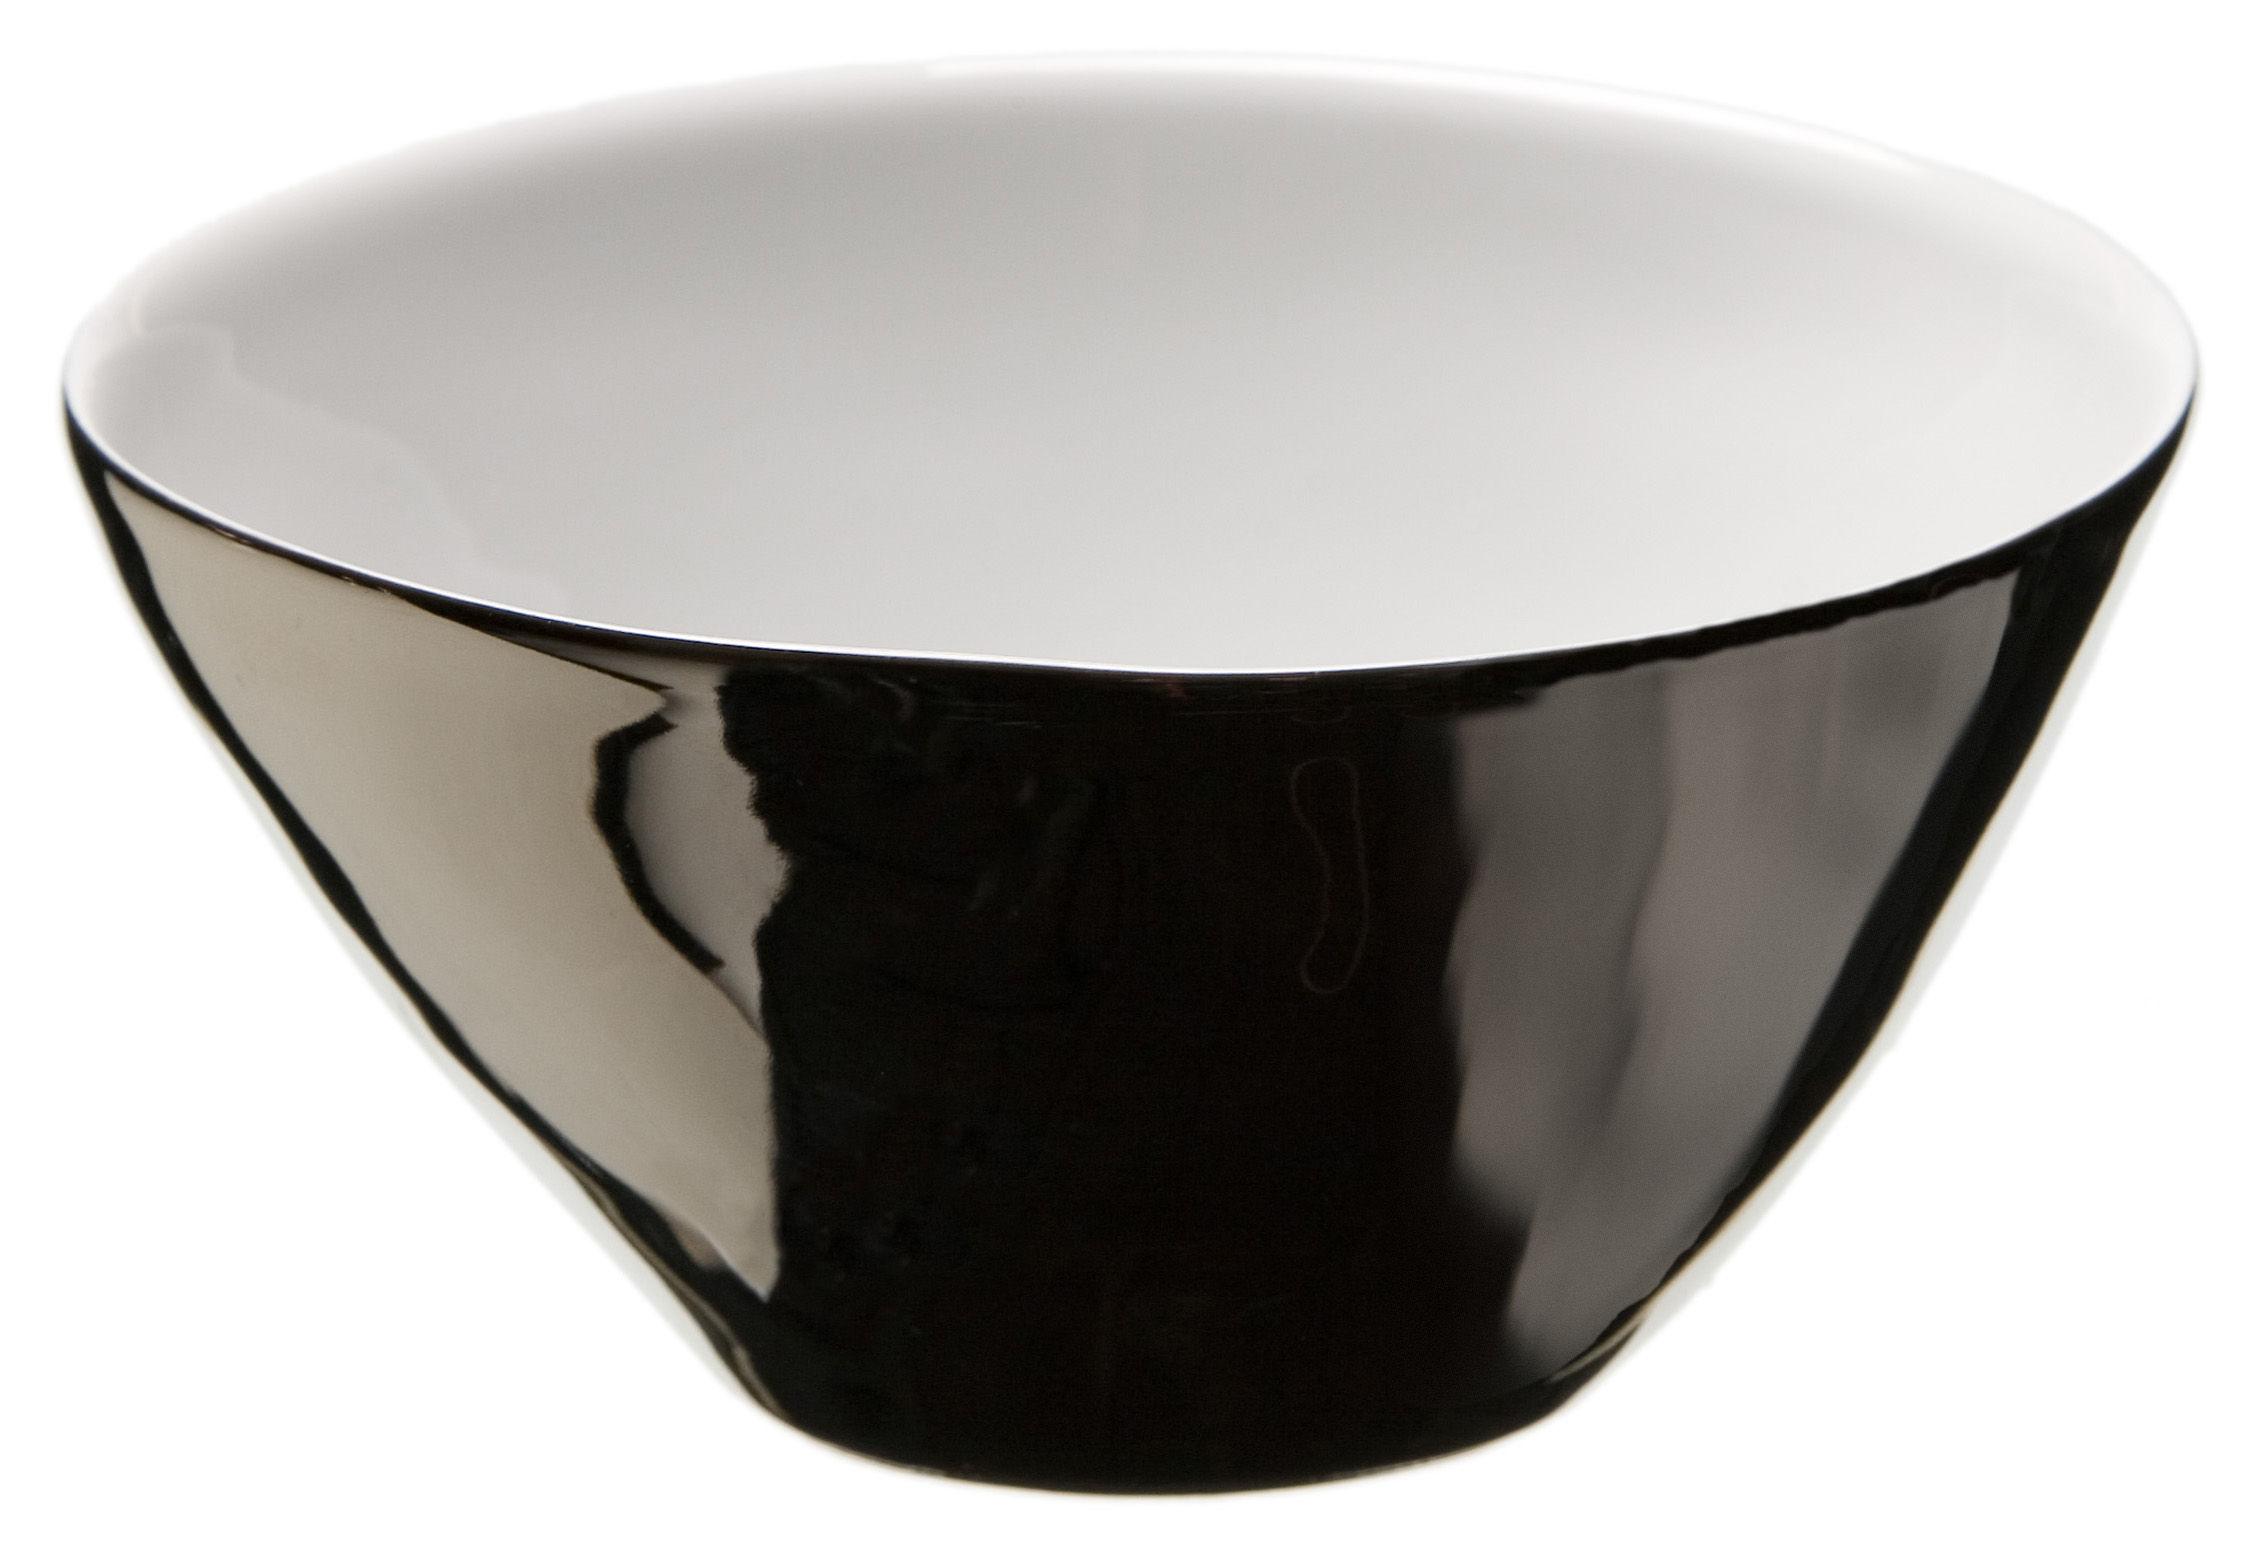 Tischkultur - Salatschüsseln und Schalen - Affamés Schale 2er Set - Tsé-Tsé - Innen weiß - außen platinfarben emailliert - Porzellan